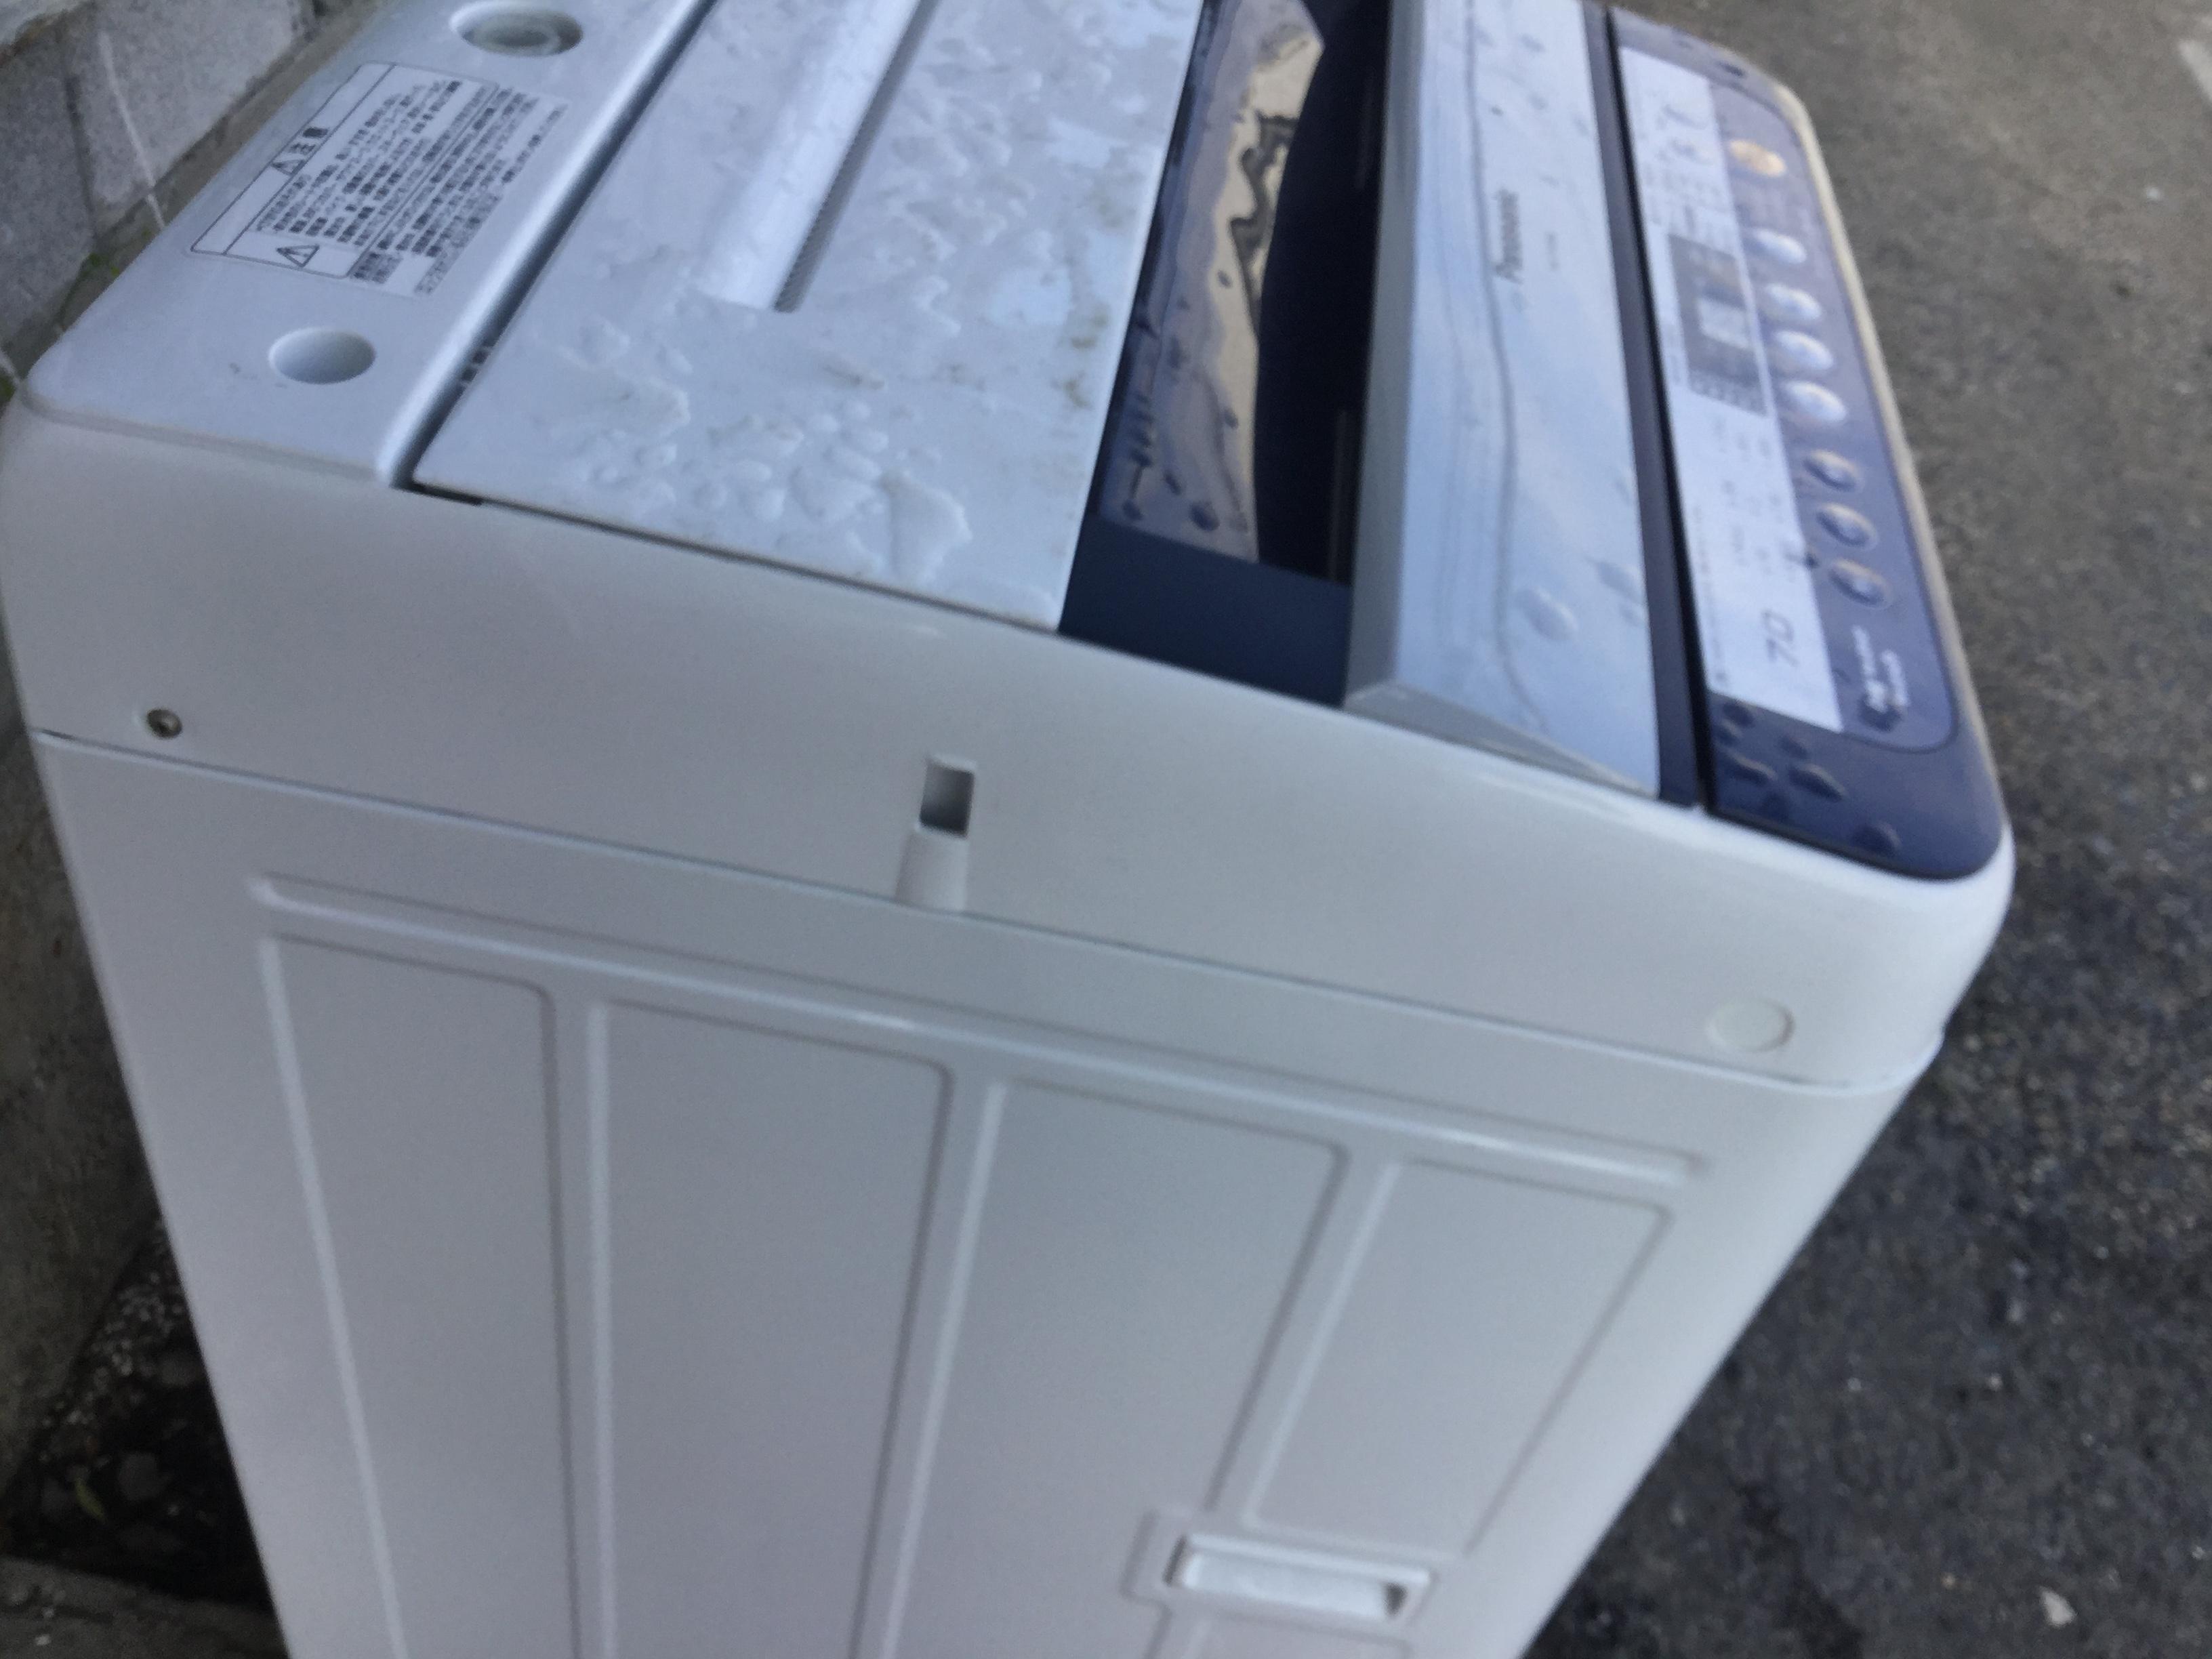 岡山市北区で不用品回収・処分した洗濯機